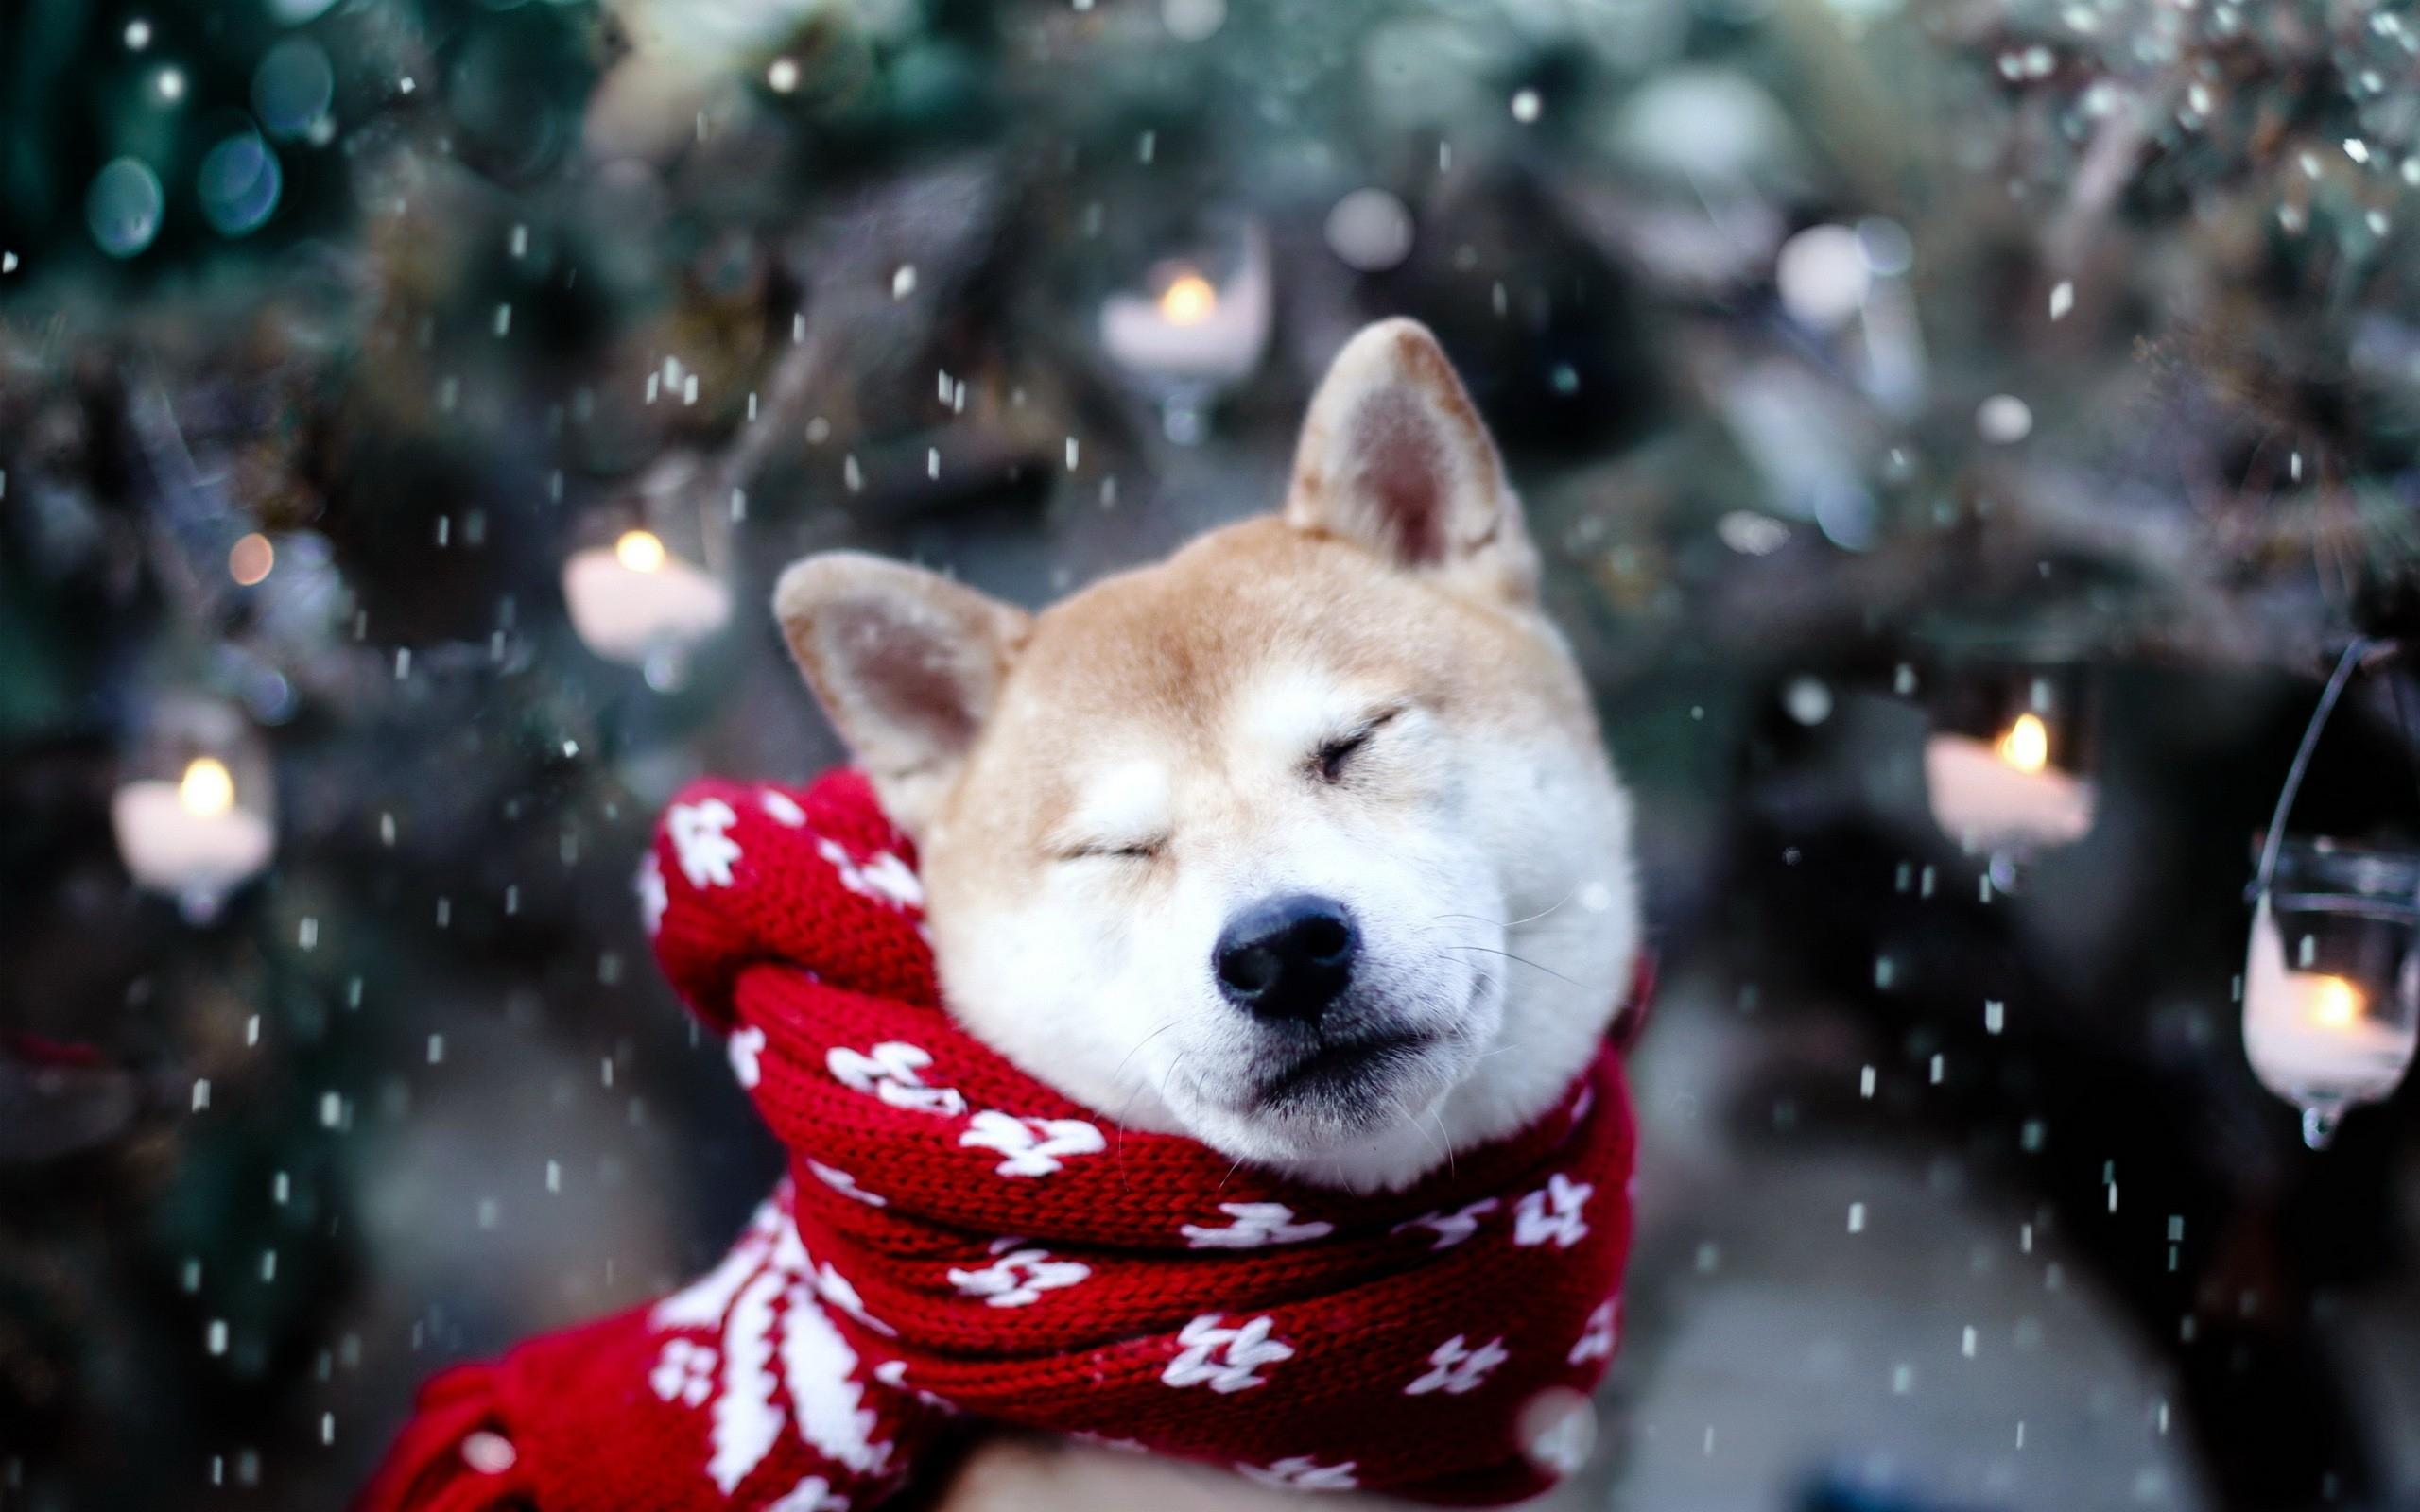 Akita Inu wearing a scarf photo and wallpaper Beautiful Akita Inu 2560x1600